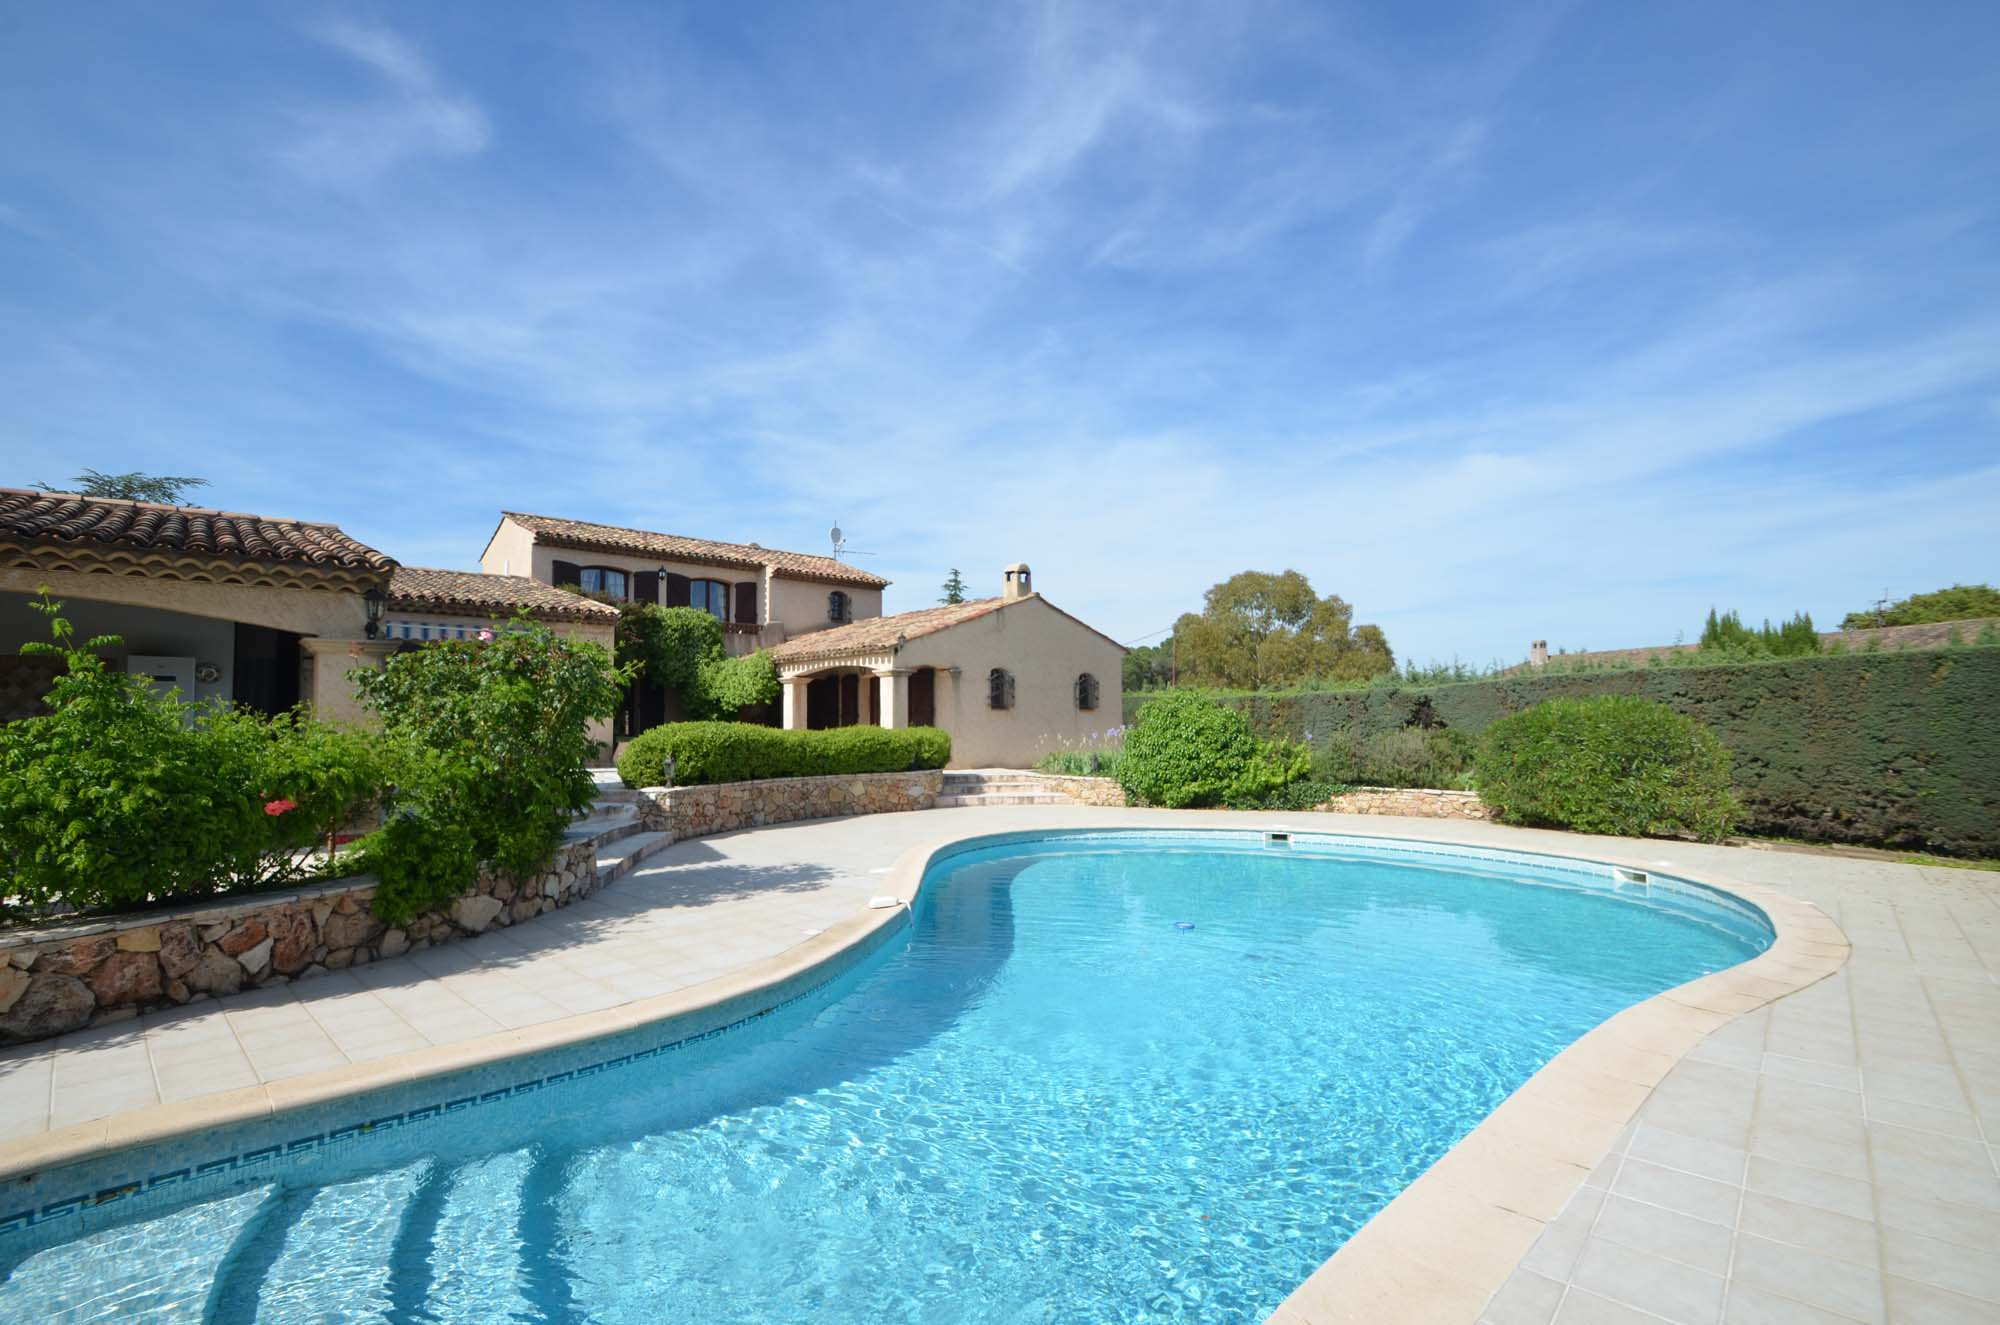 Vakantiehuis in Puget-sur-Argens met zwembad, in Provence-Cote d'Azur.